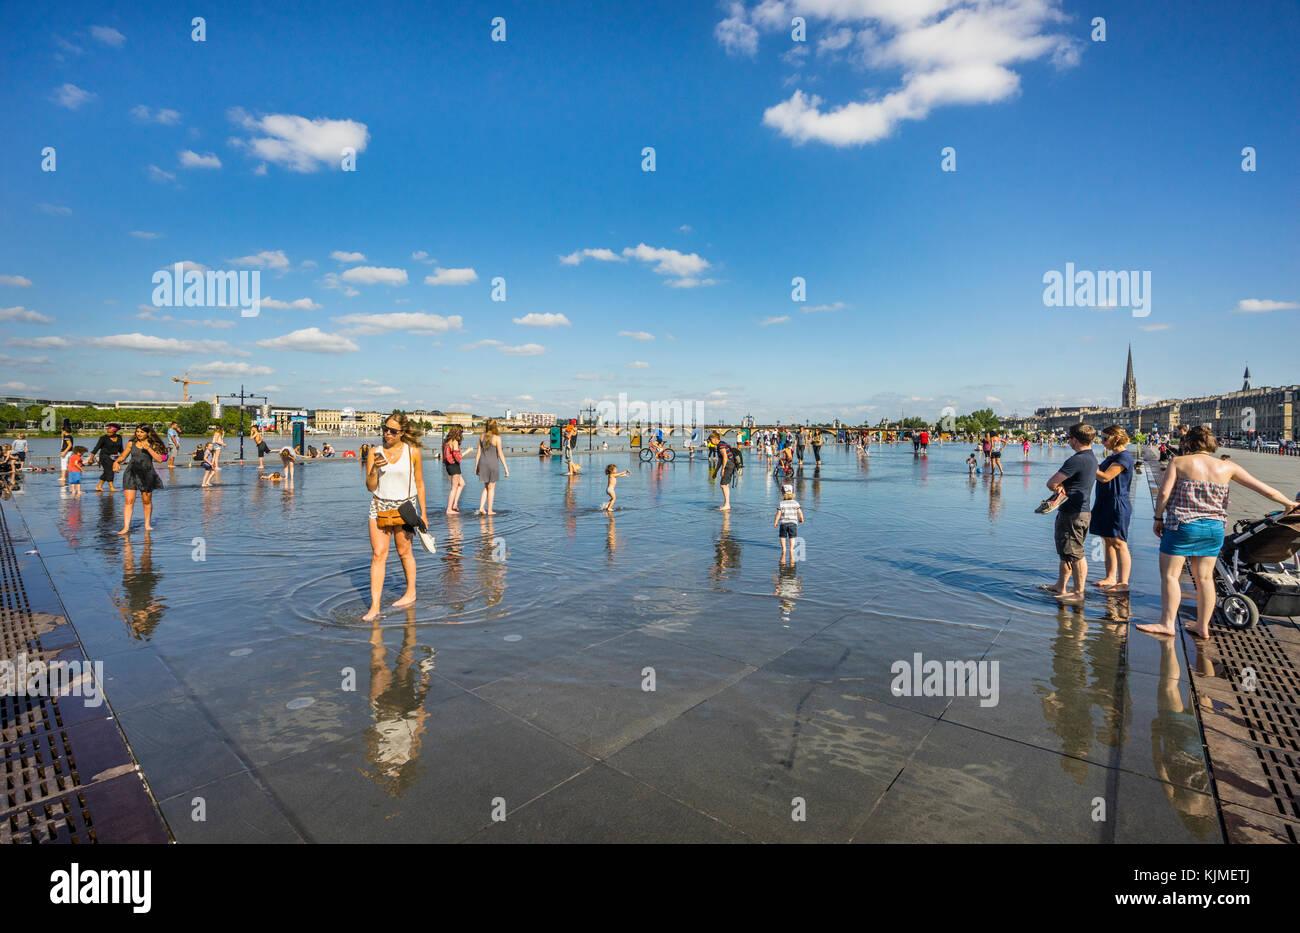 France, Gironde department, Bordeaux, Miroir d'eau reflecting pool at Place de la Bourse - Stock Image